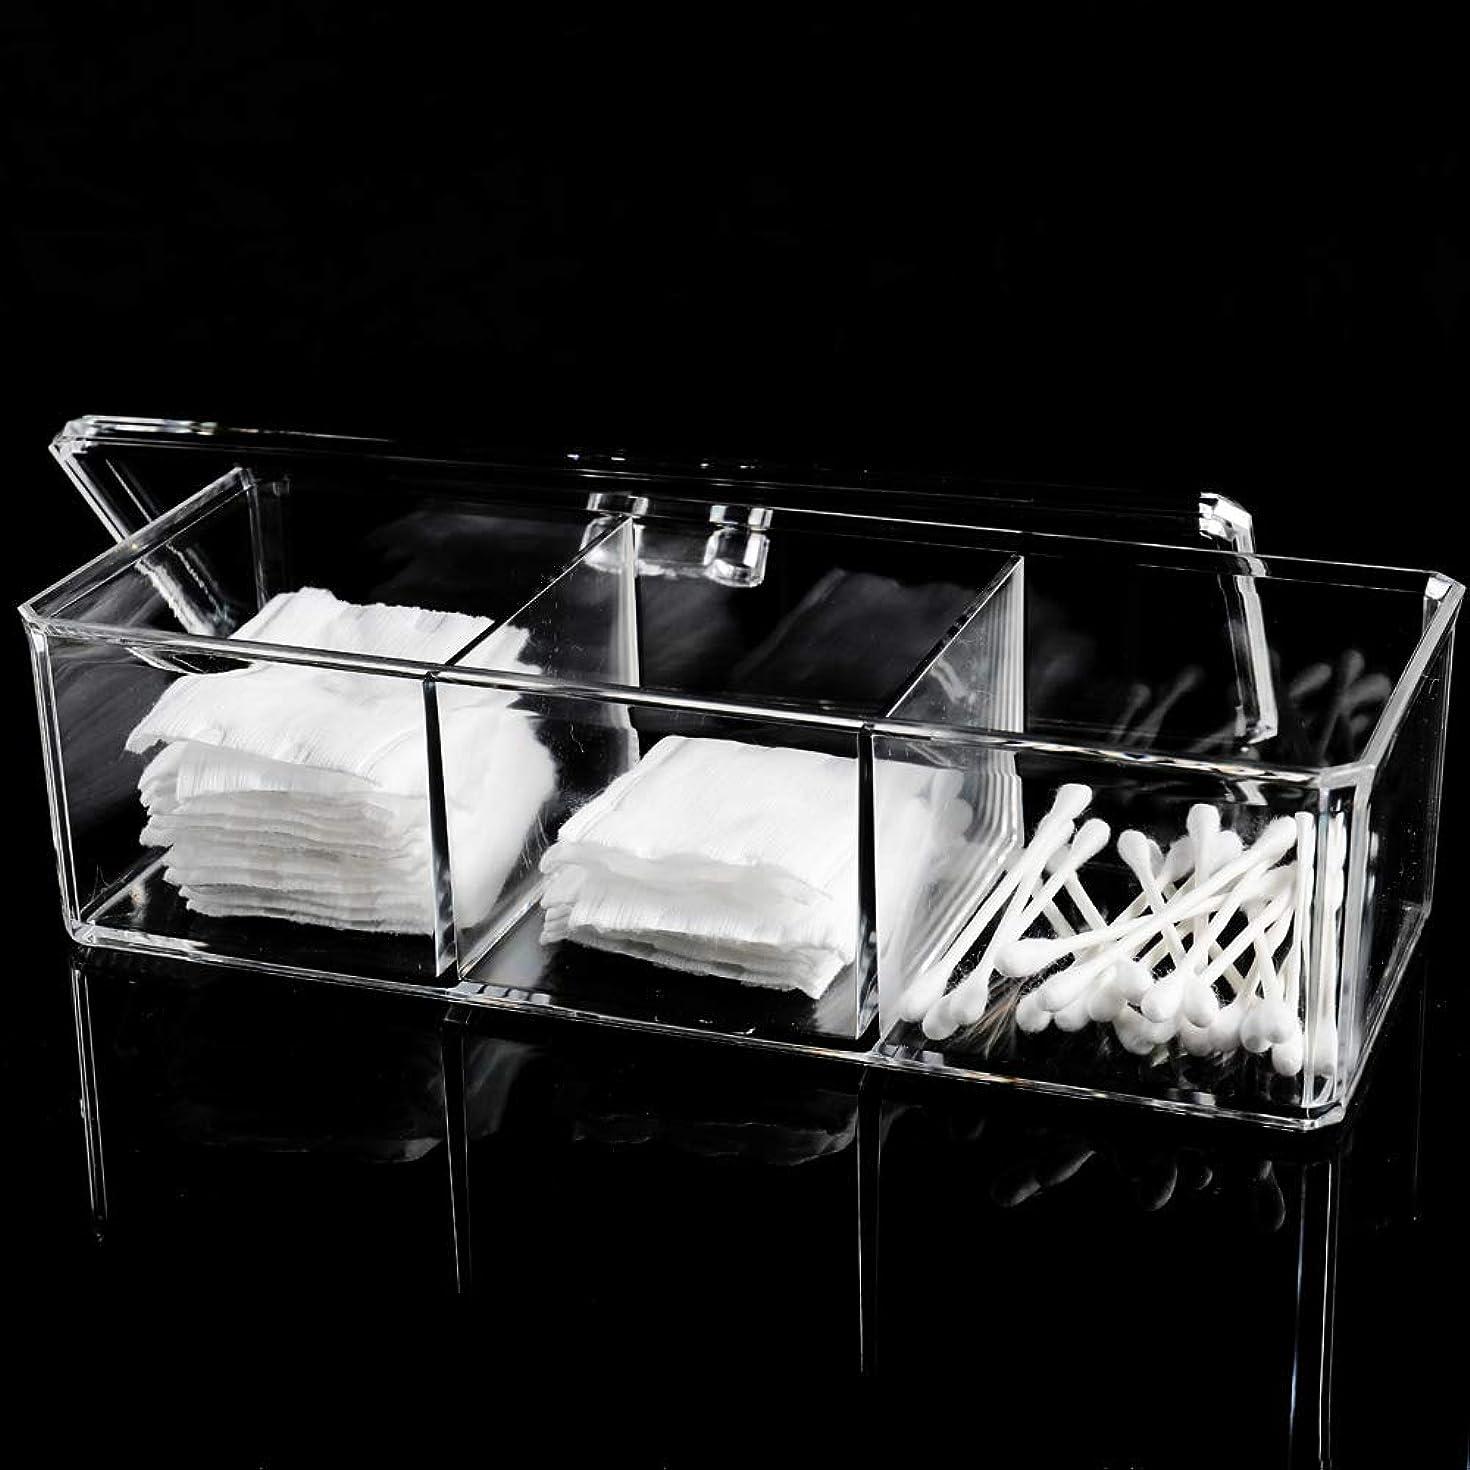 面白いクラック閉じるメイクボックス 綿棒ボックス アクリルケース 3コンパートメント 多機能 化粧品 ジュエリー収納 楊枝入れ 蓋付きコスメ小物 収納